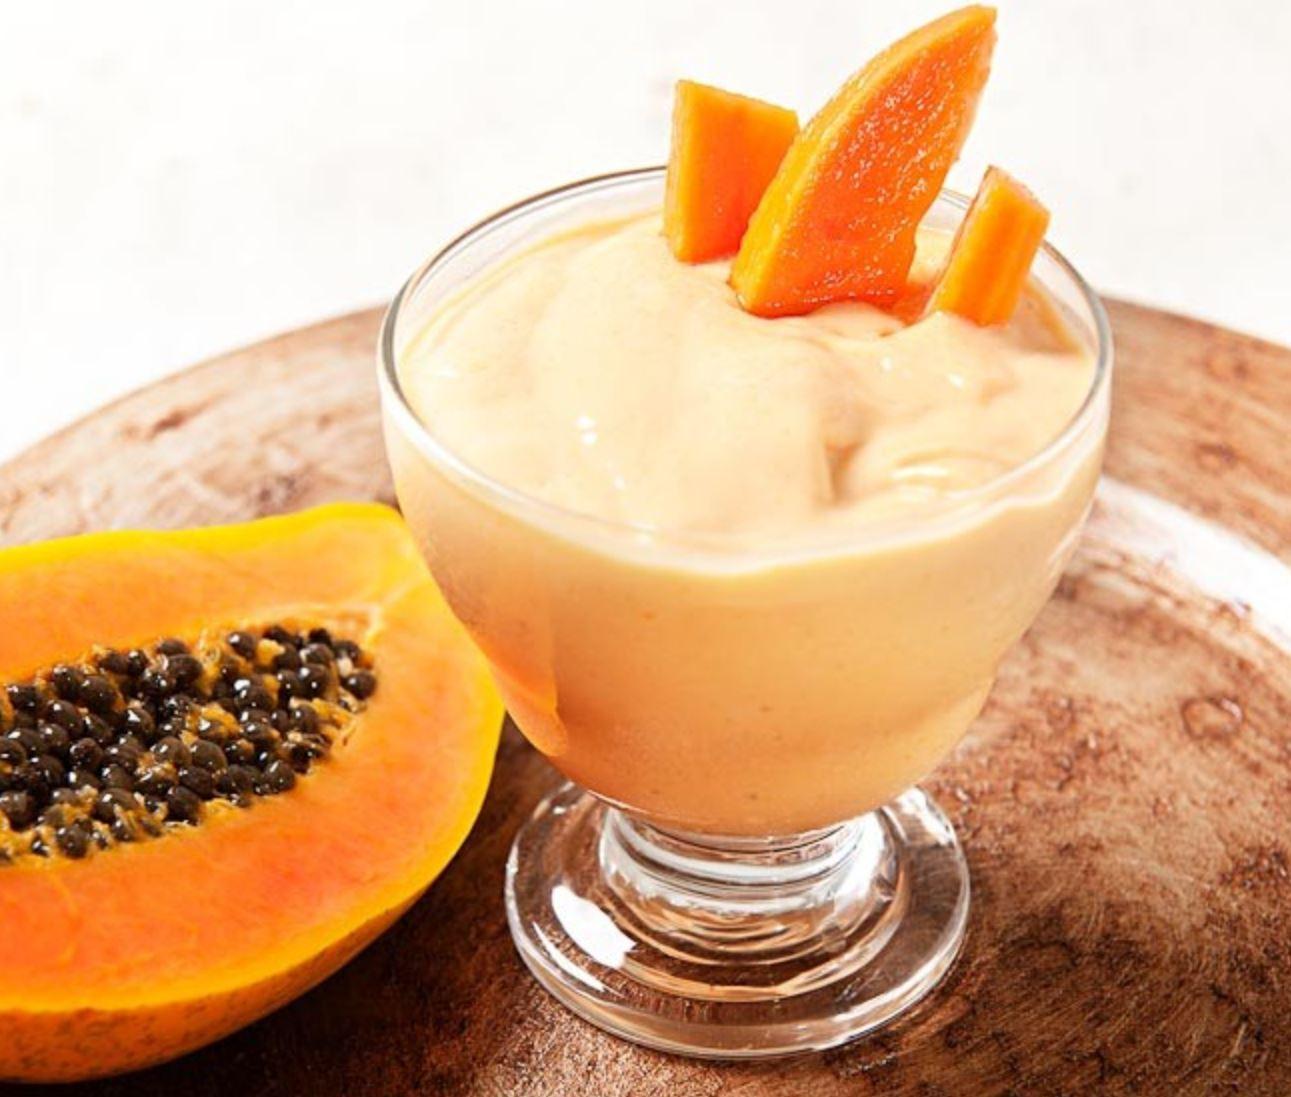 Sorvete de Mamão Papaia com Iogurte